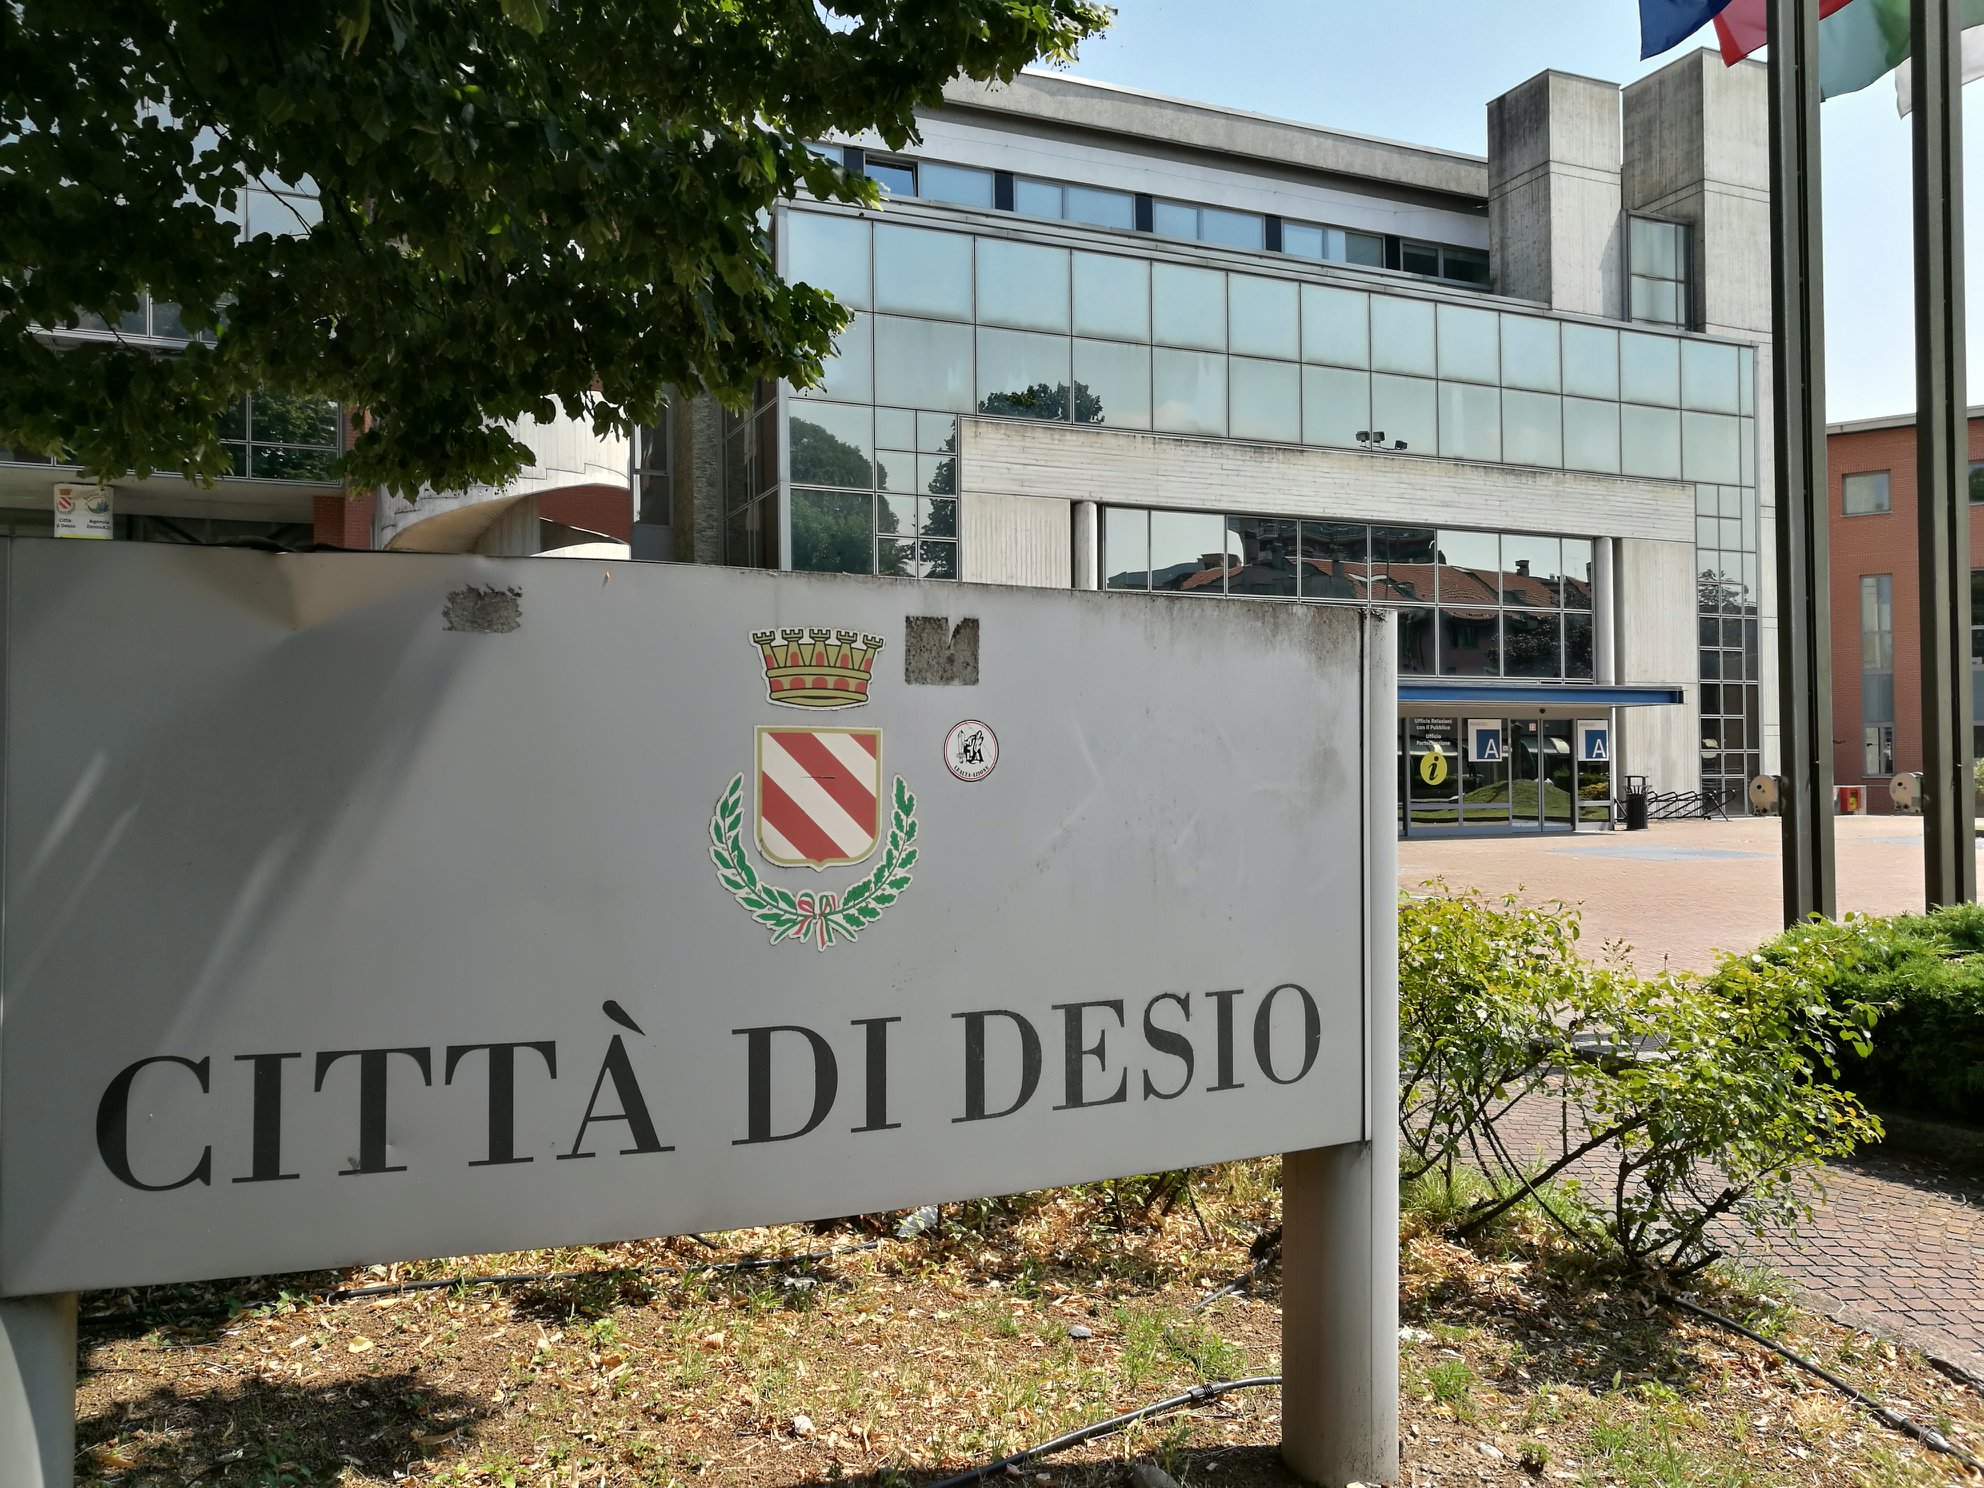 Desio parte il progetto autonomia abitativa - Monza in Diretta